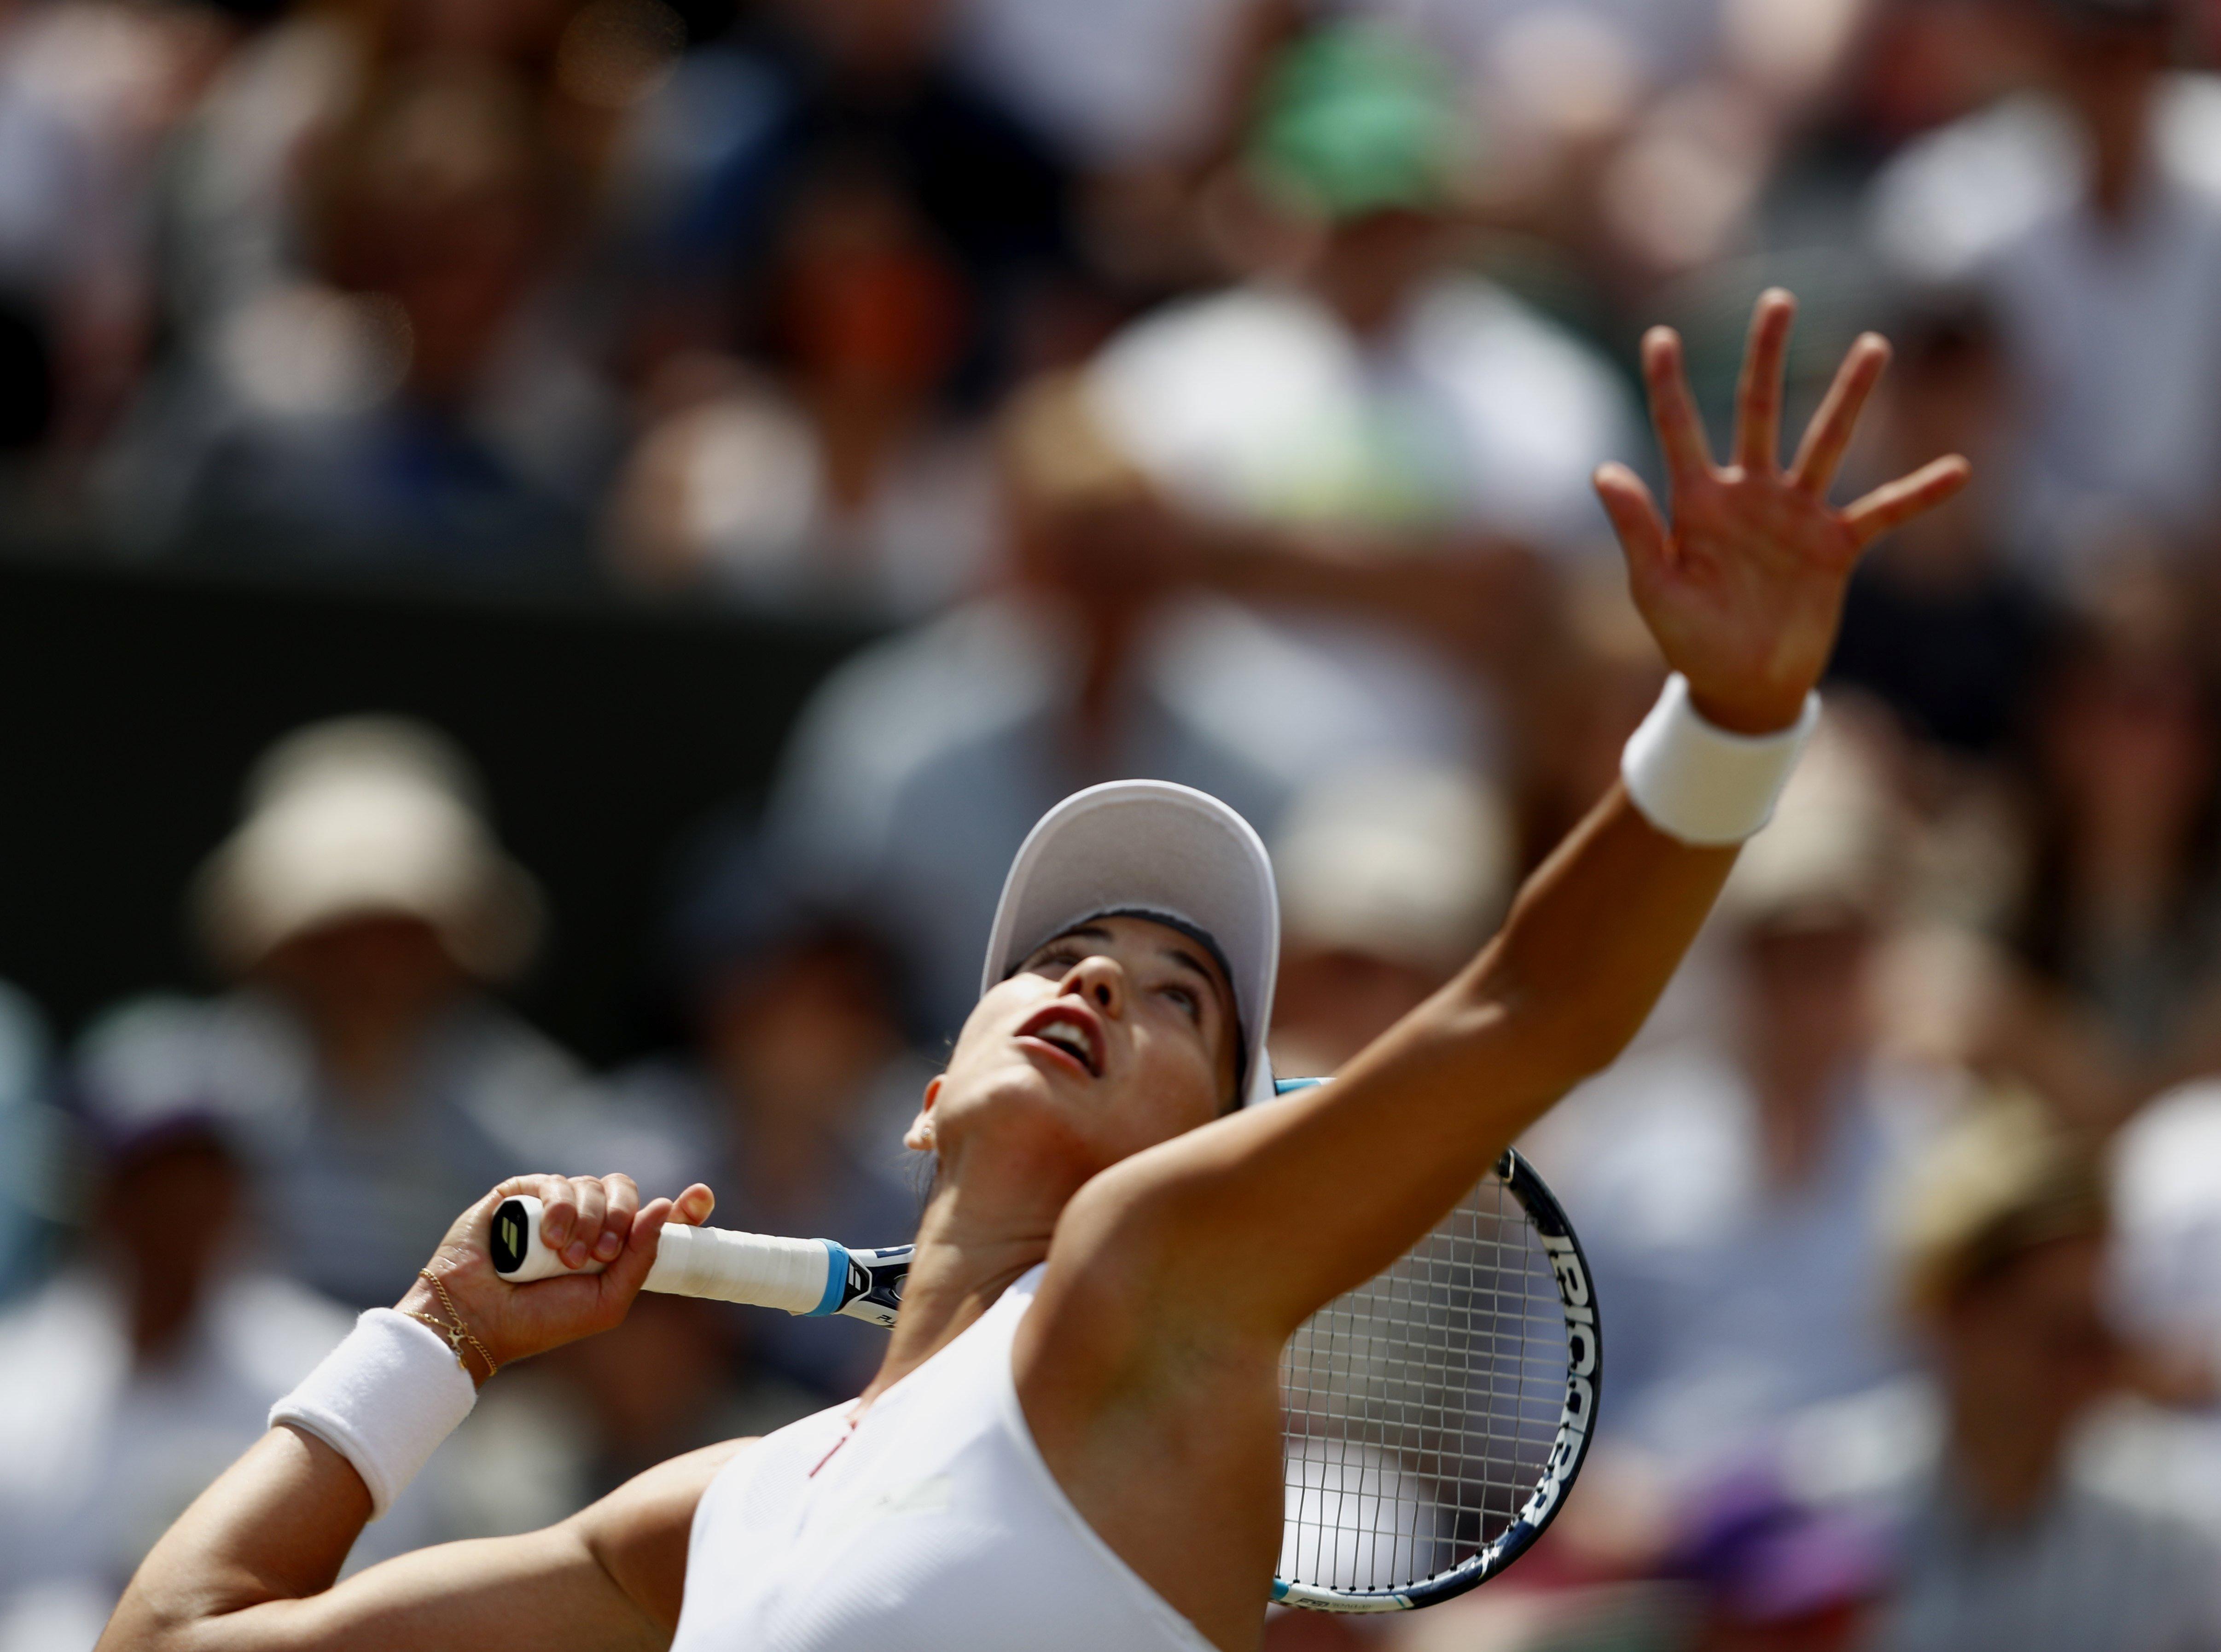 L'espanyola Garbiñe Muguruza durant un partit de vuitens de final de Wimbledon contra l'alemanya Angelique Kerber. /NIC BOTHMA